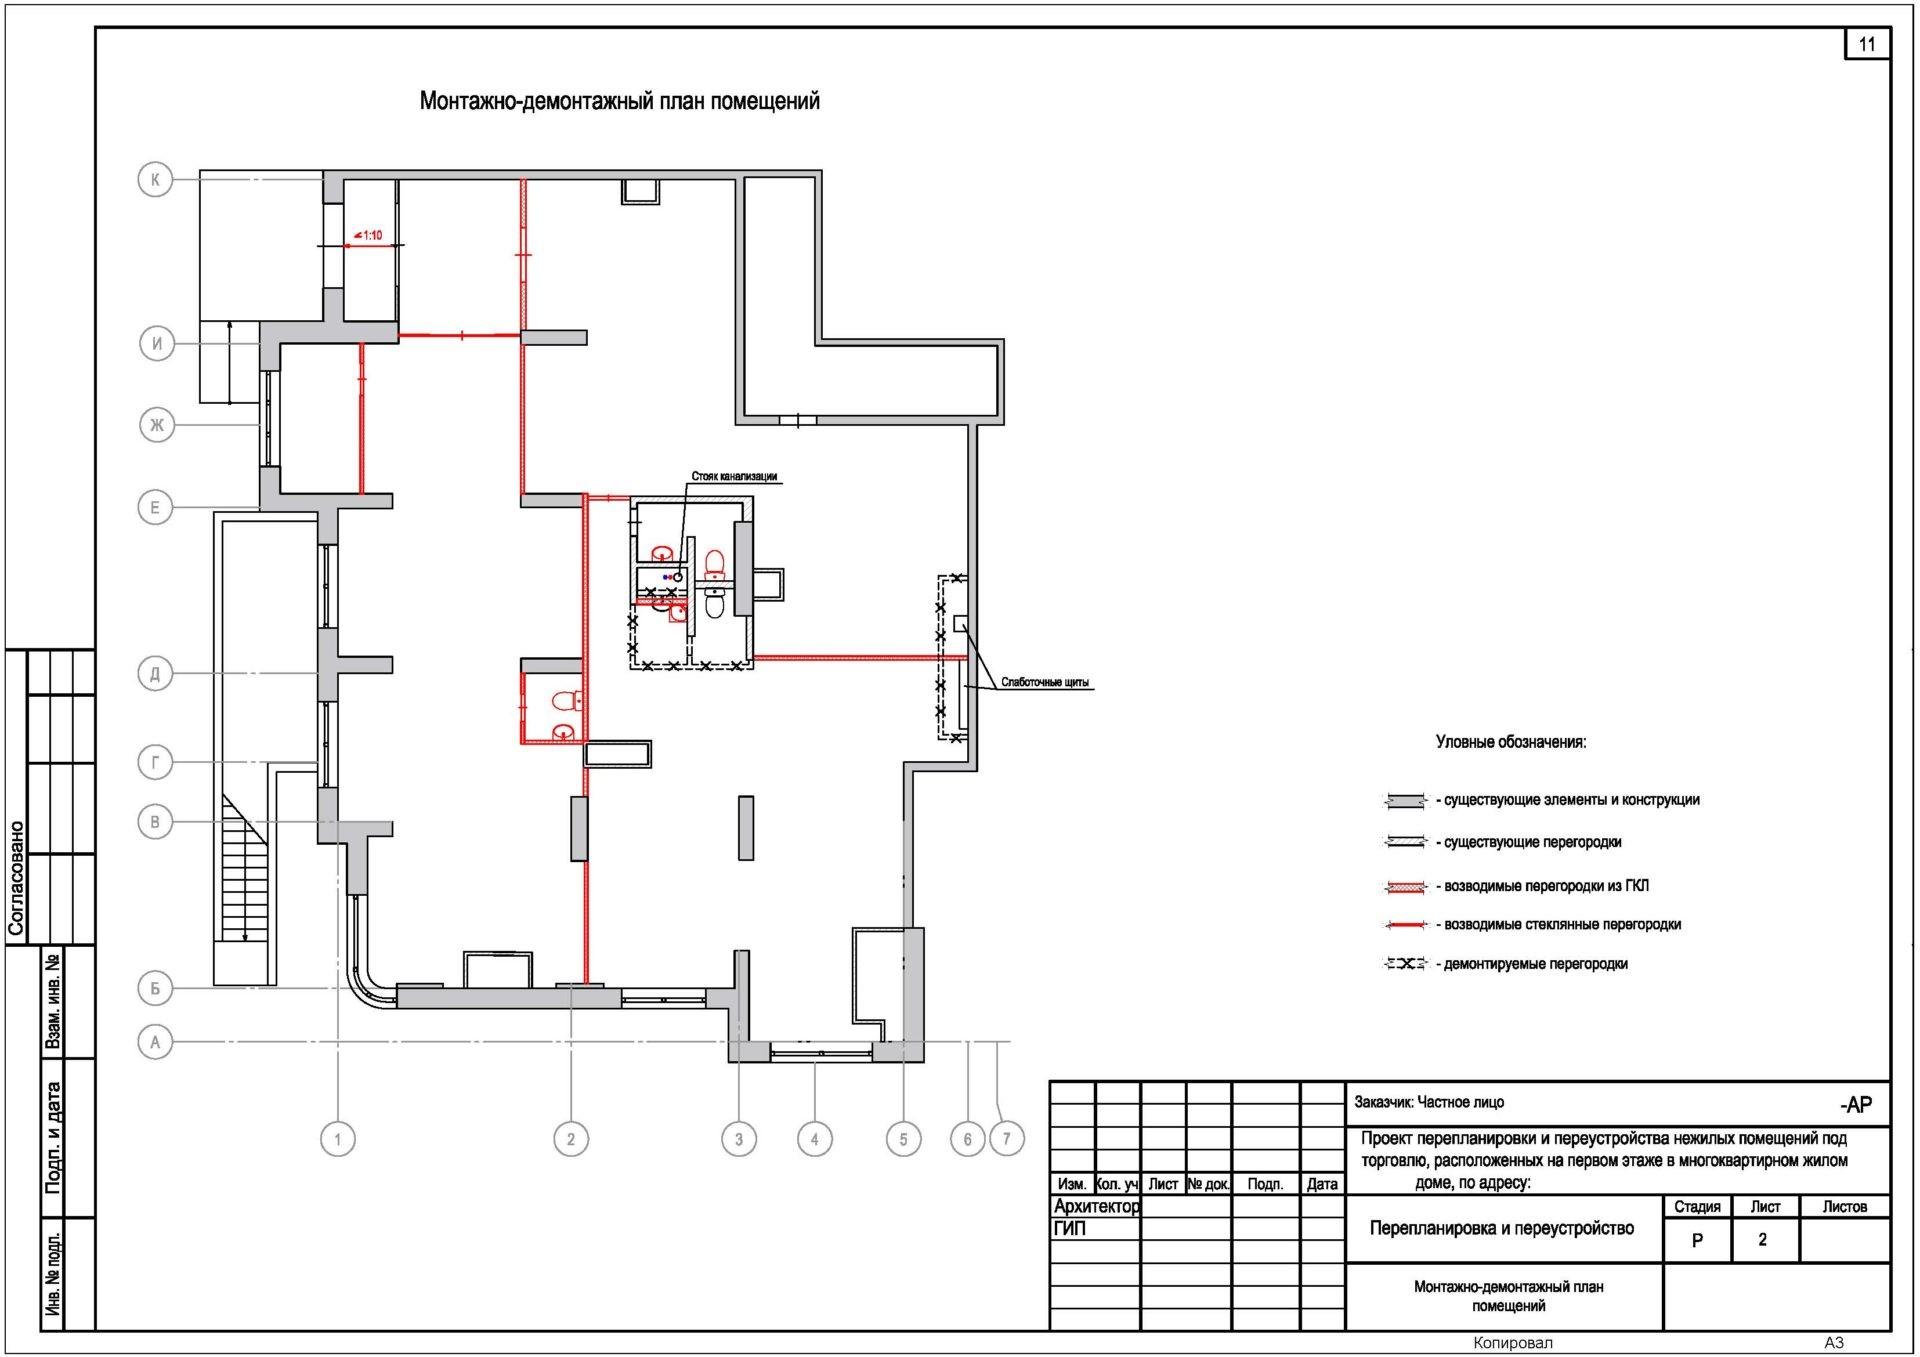 Перепланировка выполняется на основании проекта. технический план нужно получать уже после завершения работ.